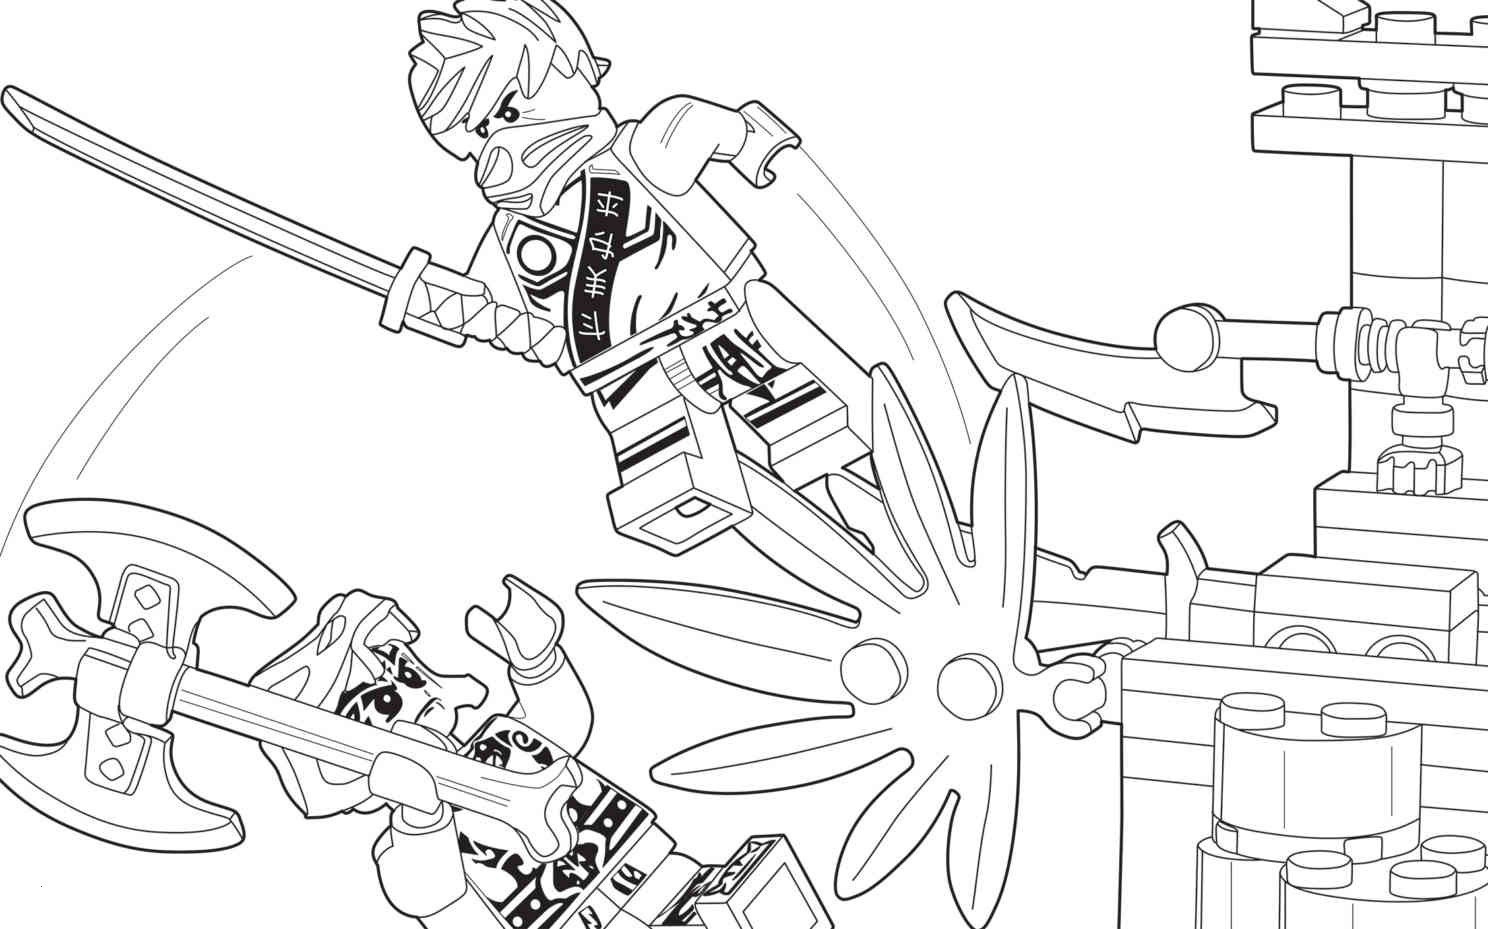 Ausmalbilder Lego Batman Neu 37 Lego Ninjago Malvorlagen Scoredatscore Genial Ausmalbilder Lego Sammlung